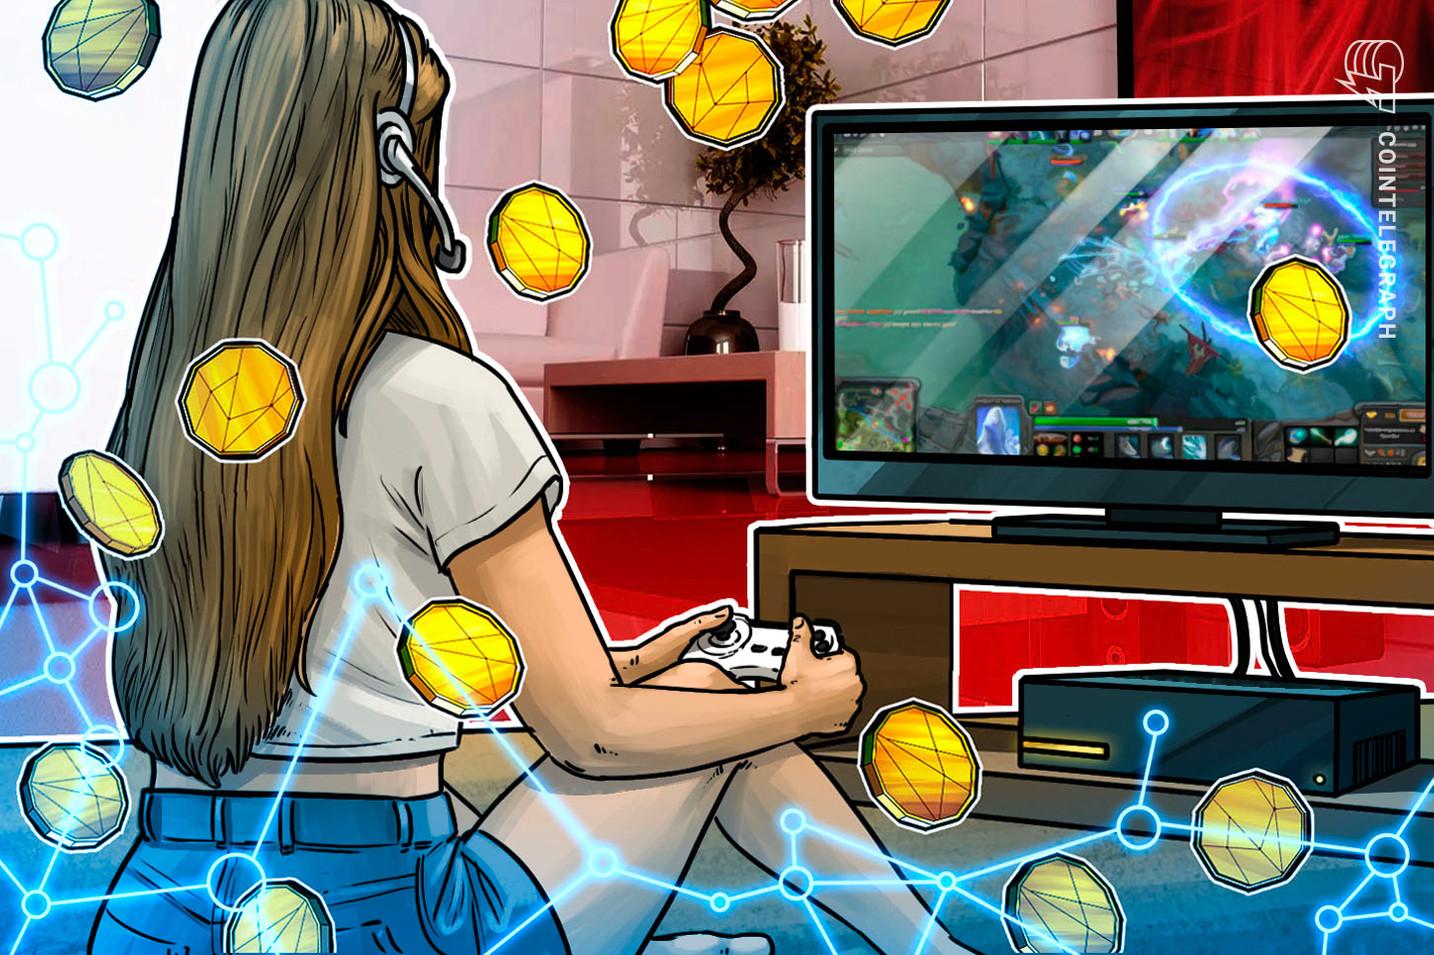 La asociación de Atari prepara el terreno para la adopción de su token